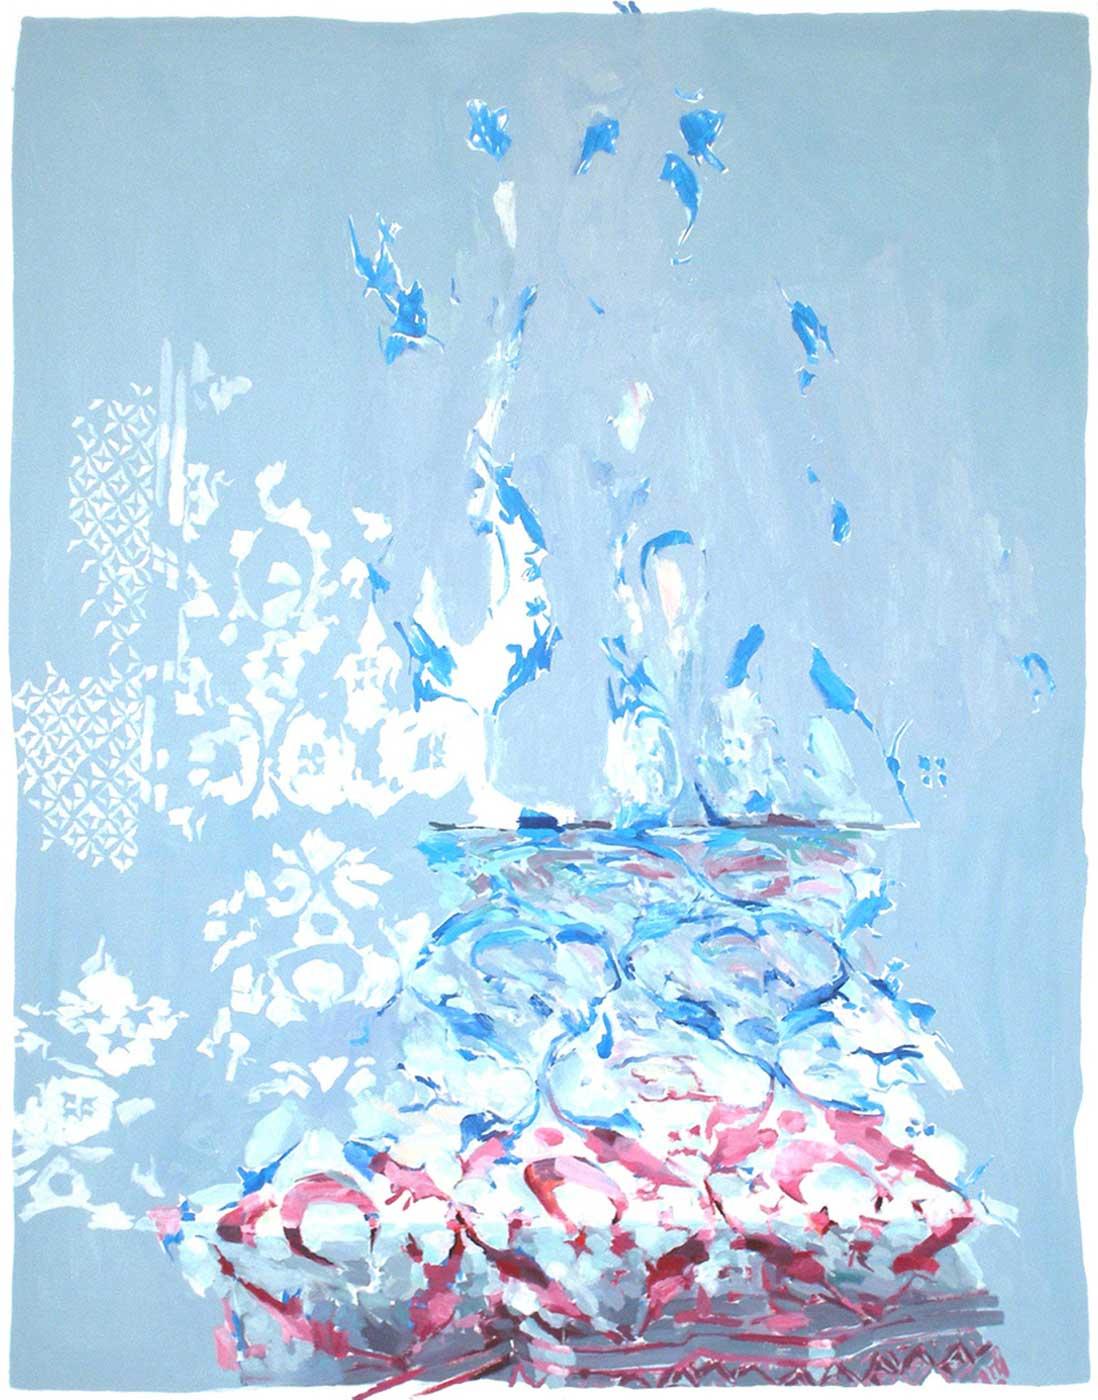 Arabeske 45, 155 x 120 cm, Öl/ Lwd., 2013